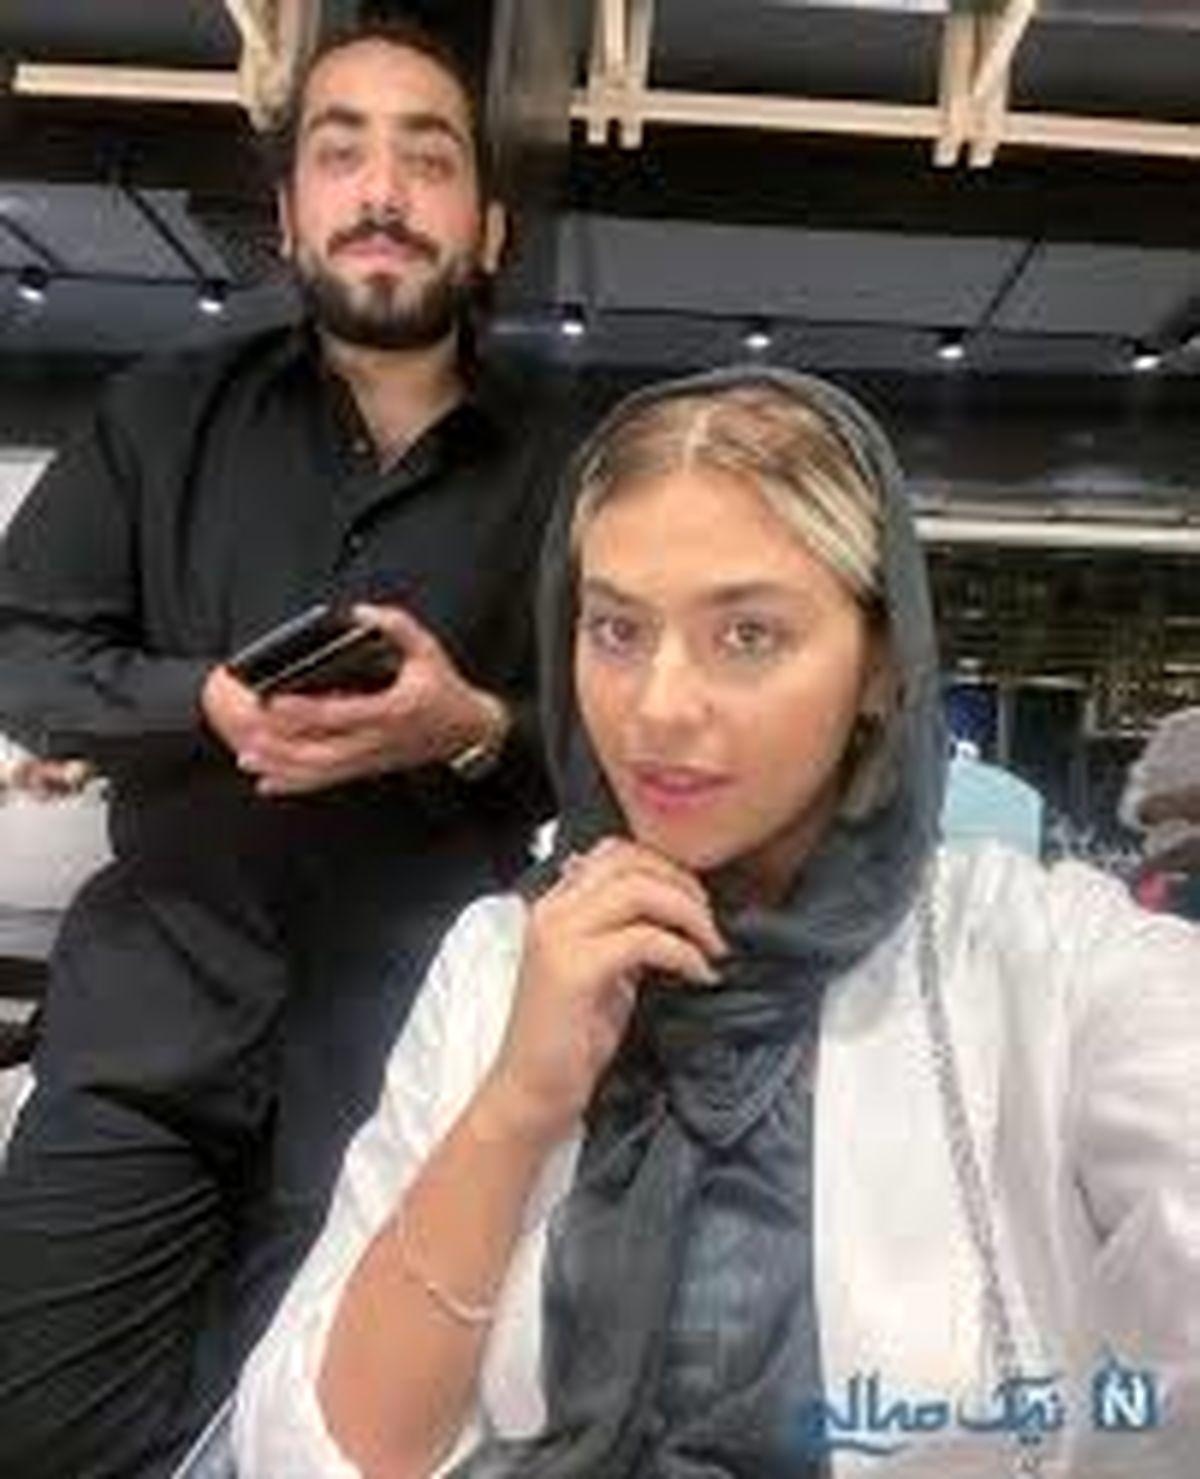 فیلم لورفته از ریحانه پارسا با روزبه بمانی در ماشین بعد از طلاق + فیلم